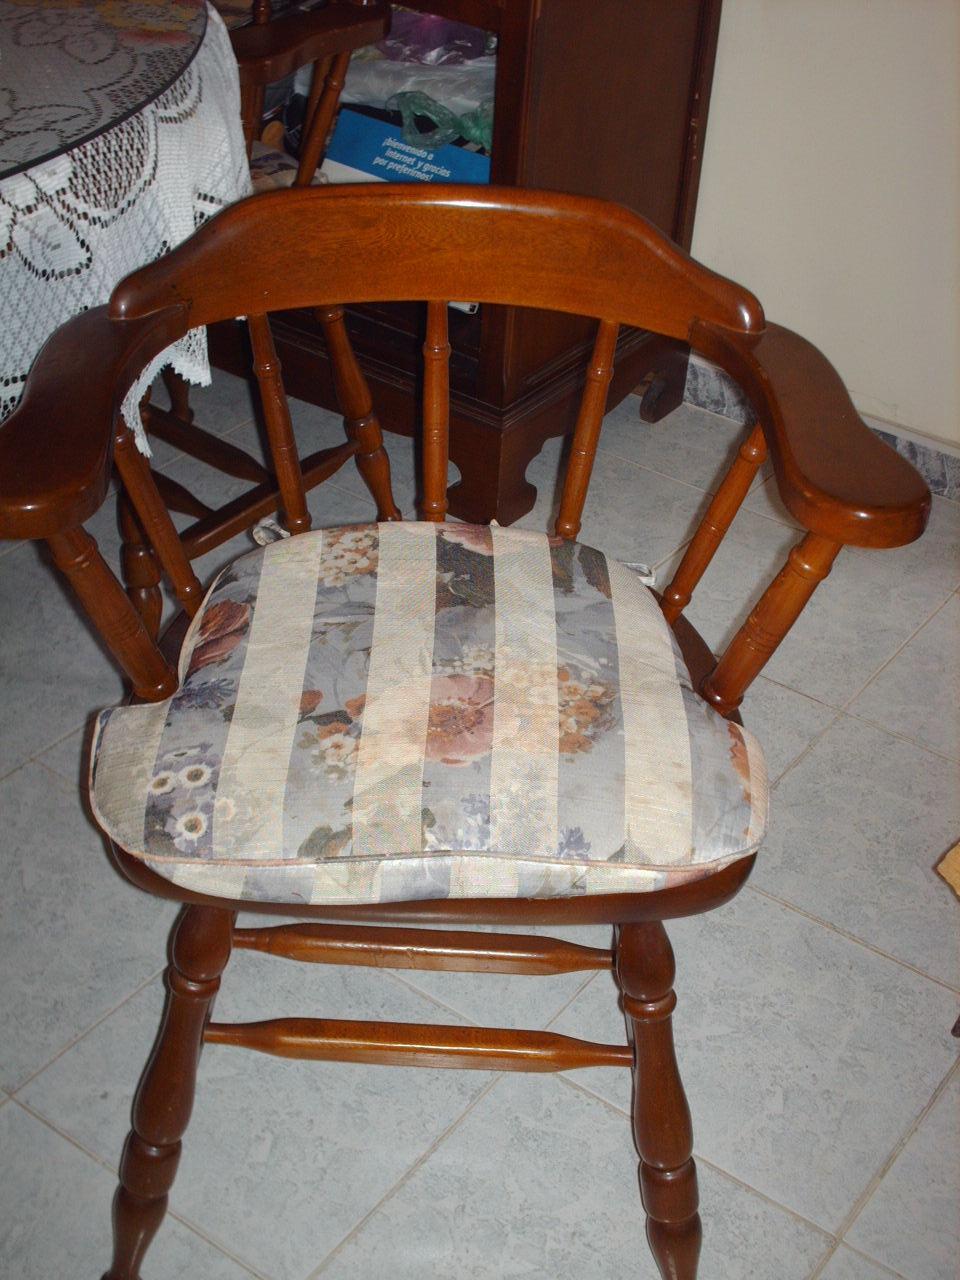 Novedades paola muestra de asientos o cojines para sillas for Lo ultimo en sillas de comedor